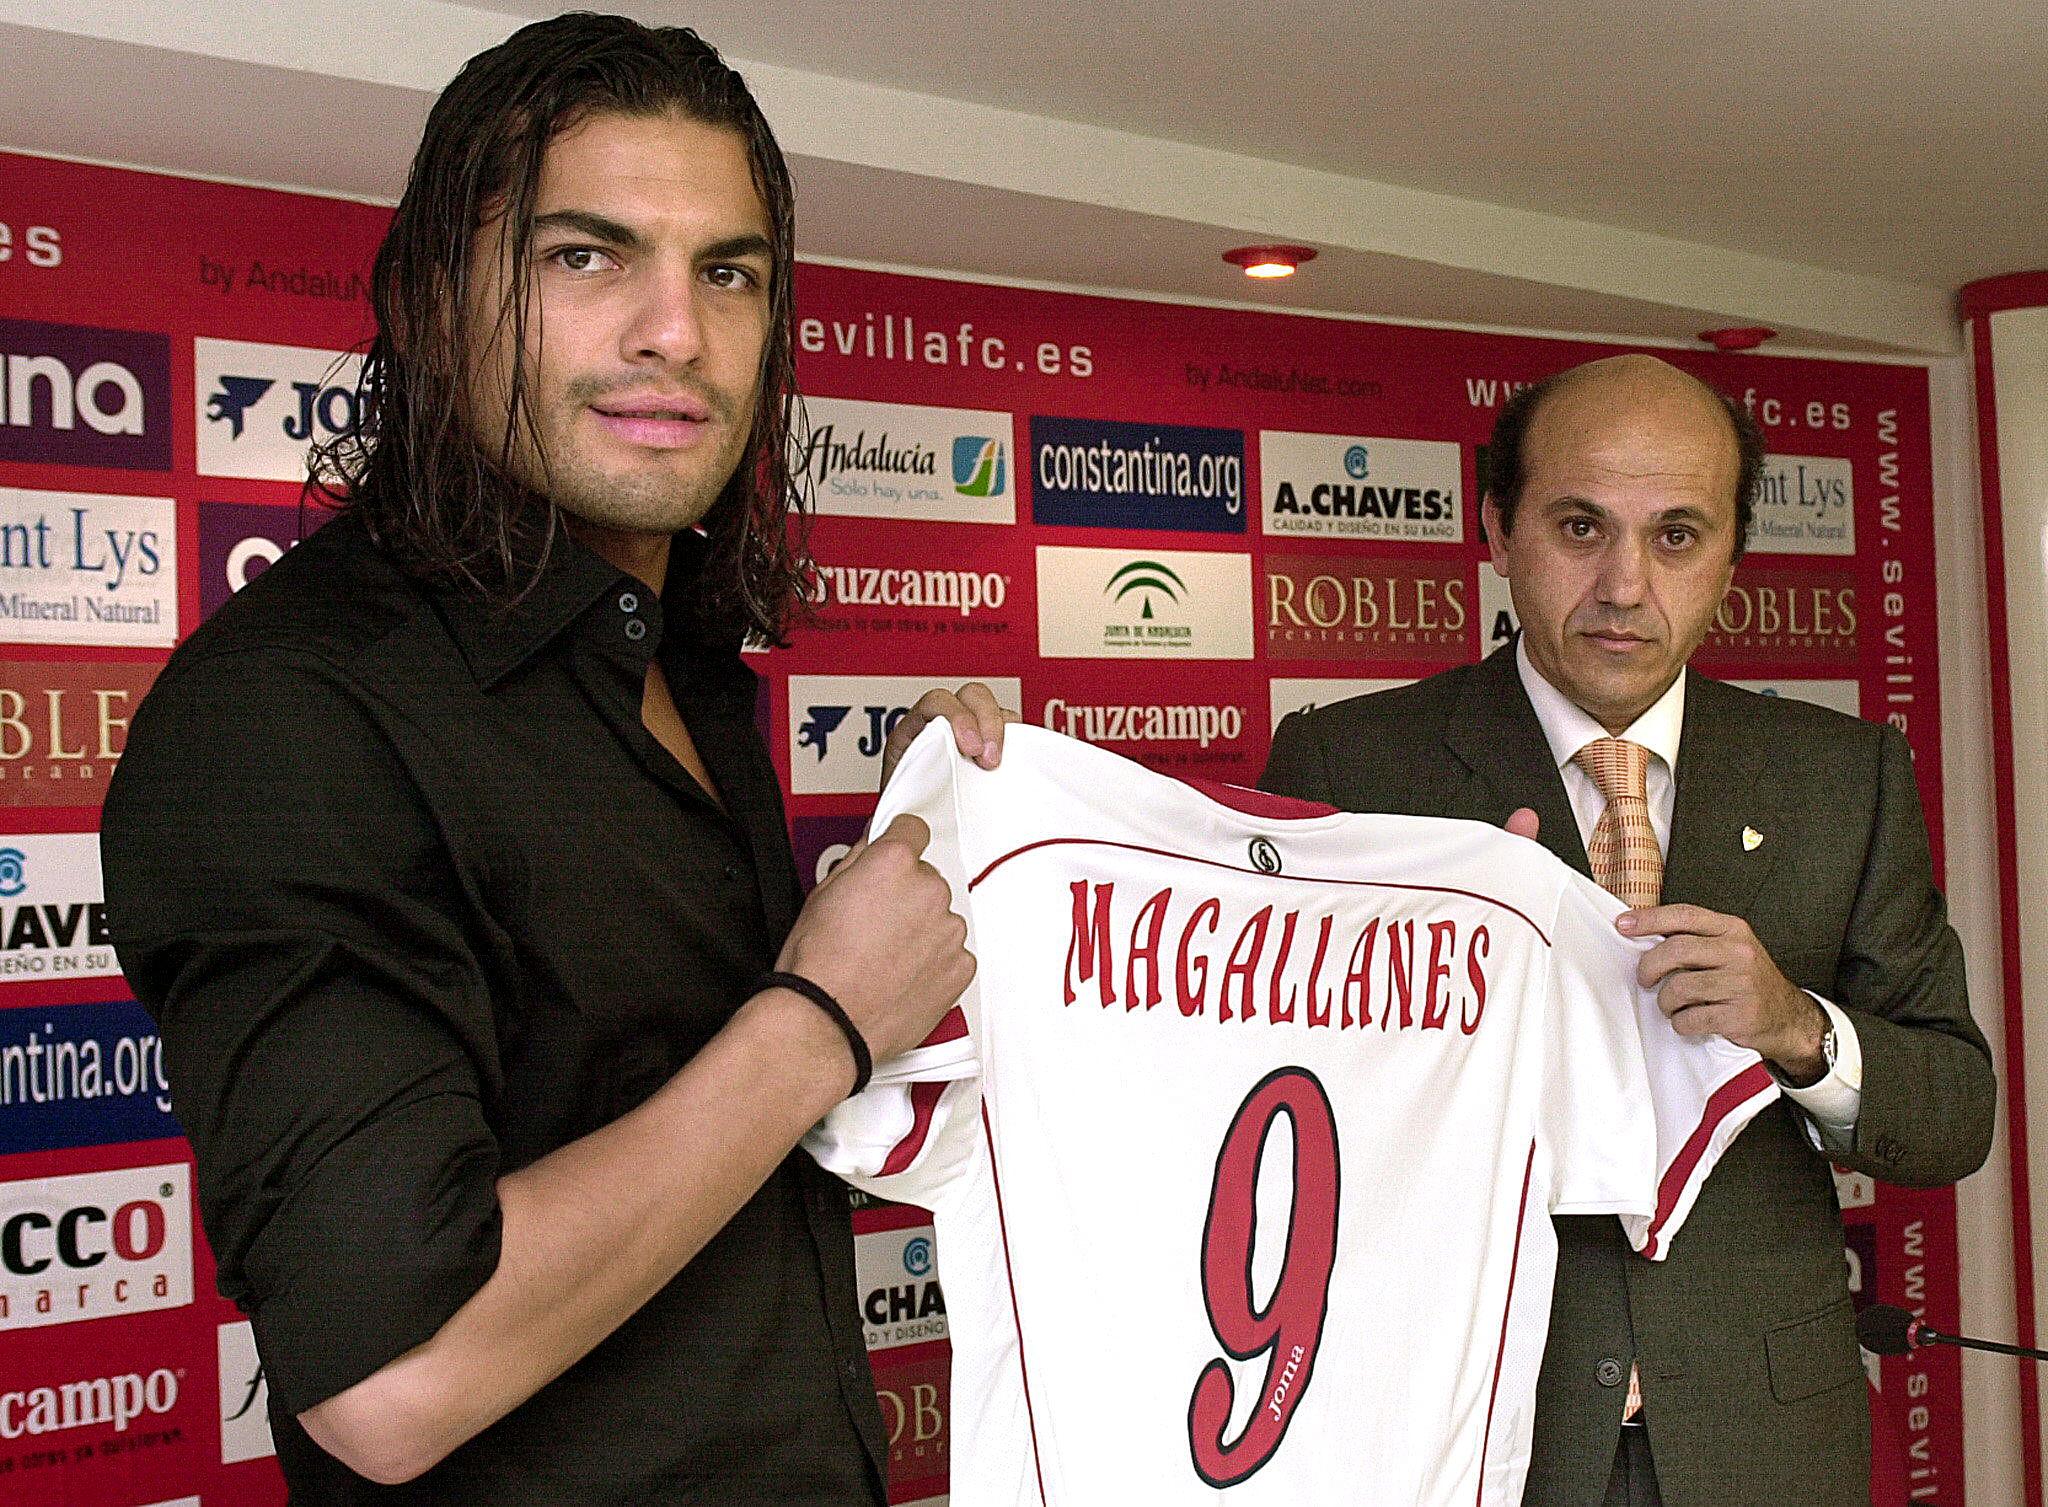 Magallanes, el día de su presentación con el Sevilla (Archivo 20minutos).